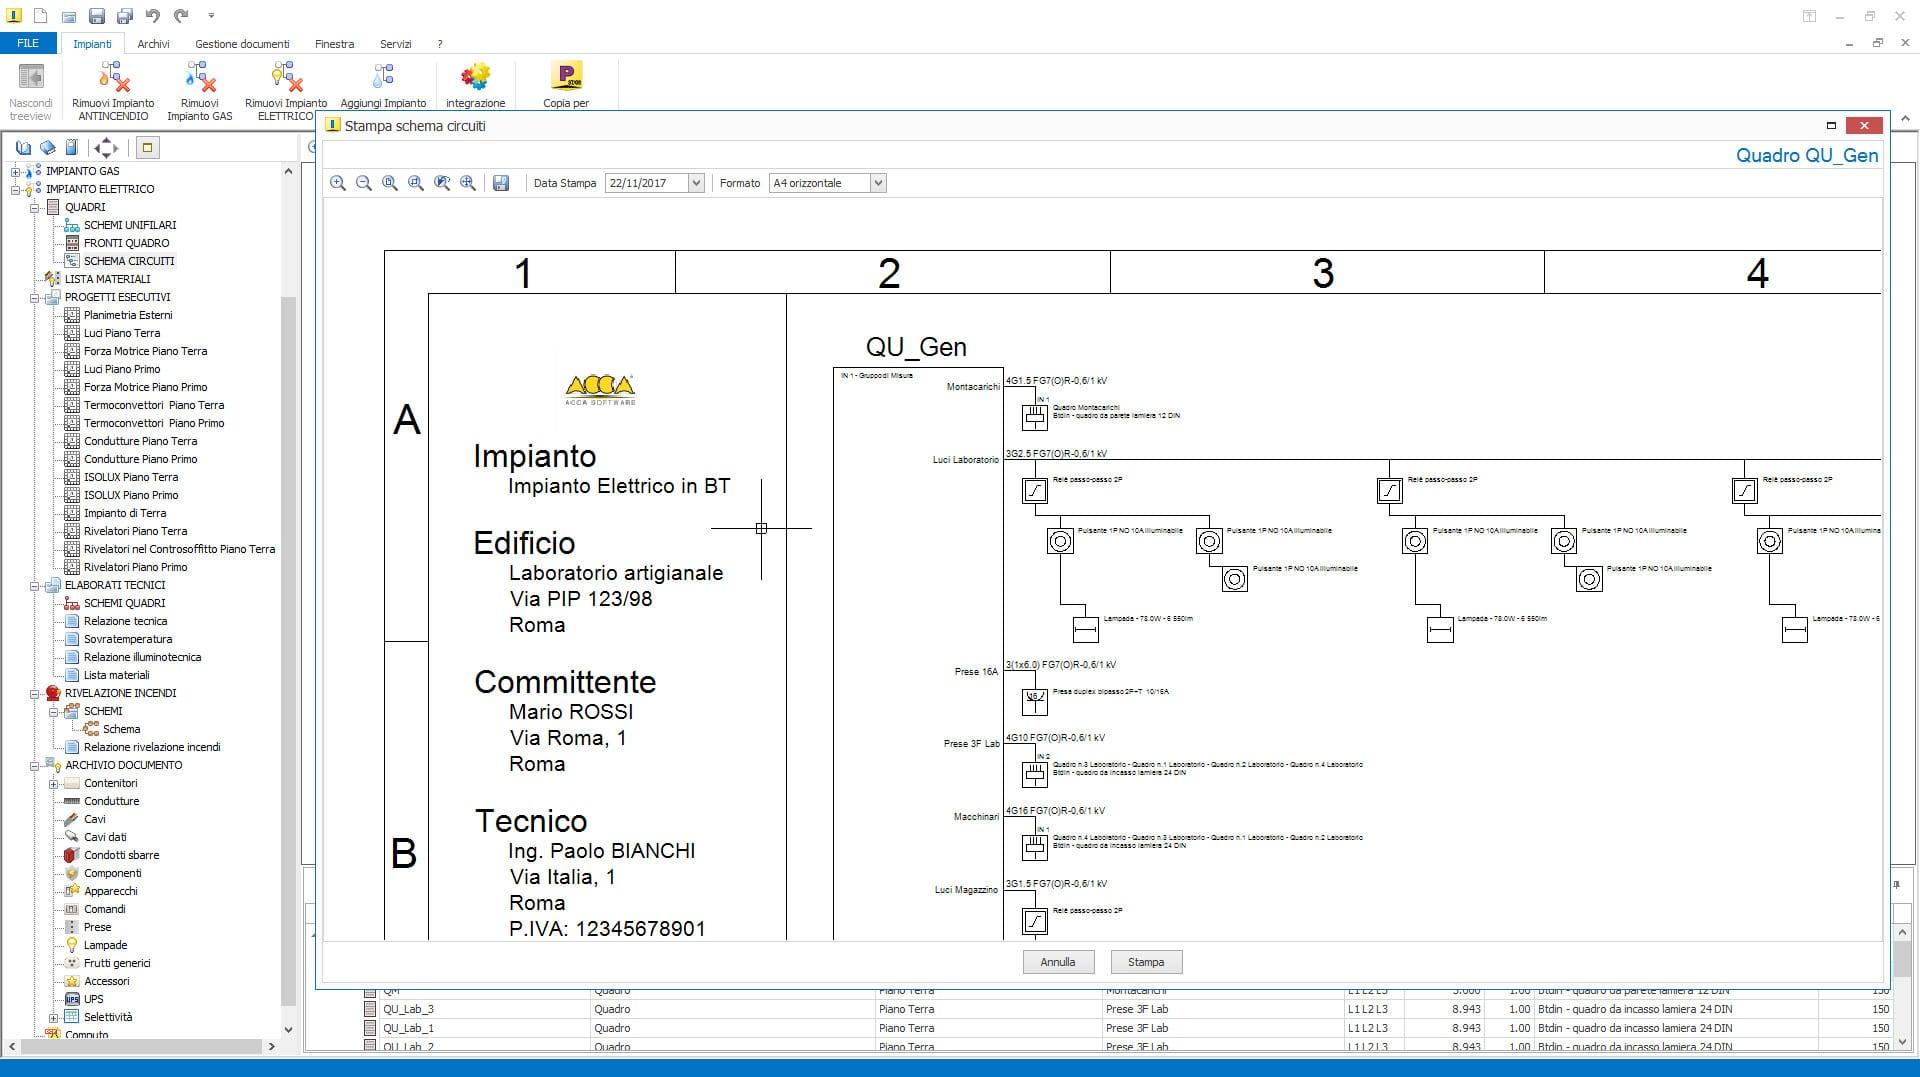 Schema Elettrico Trifase : Aggiornamento impiantus elettrico versione 10.00